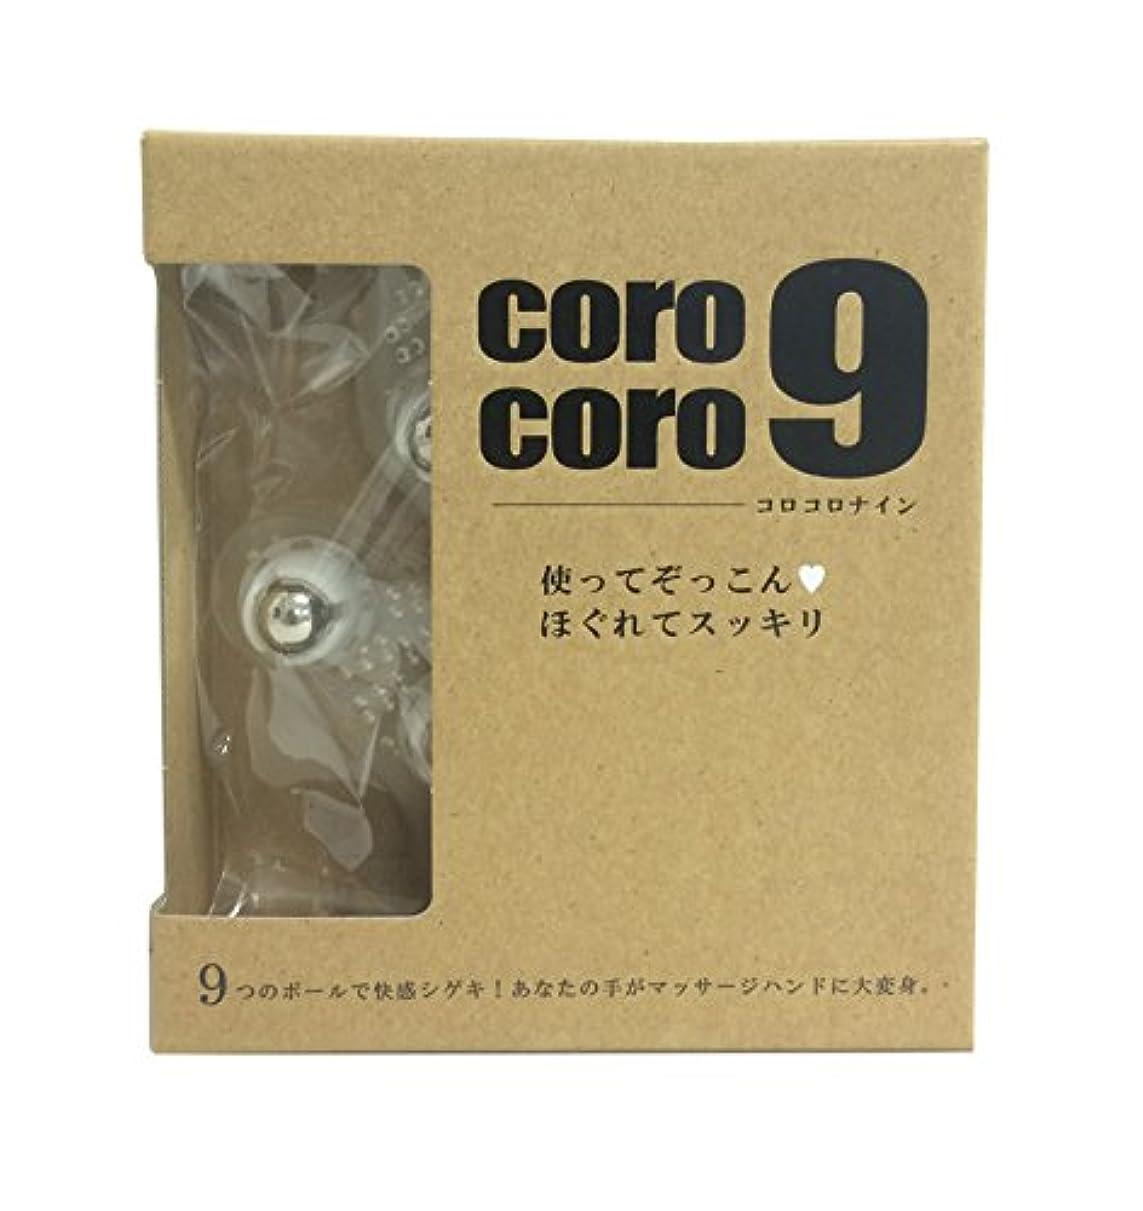 撃退するハーブカートンReシリーズ CoroCoro9 クリア